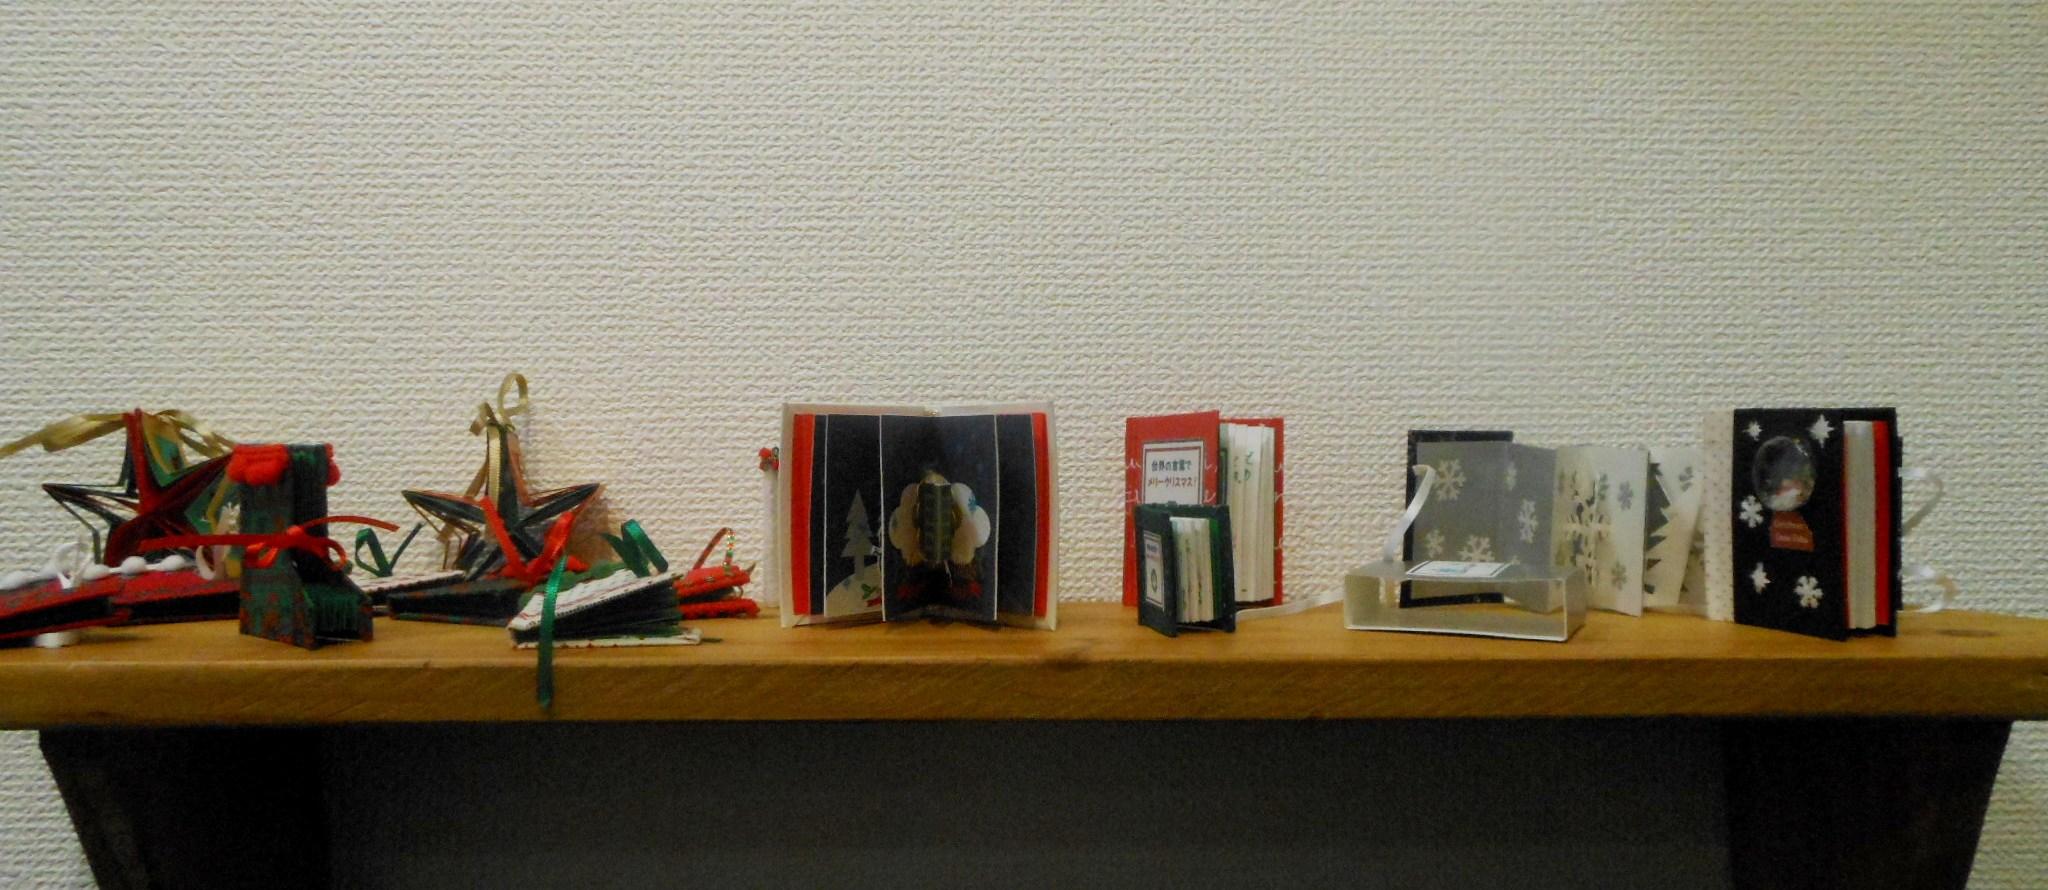 1909)①「彼方アツコ・関川敦子 二人のATSUKOの版画展 『In Harmony』」 道新g. 12月6日(木)~12月11日(火)_f0126829_234969.jpg